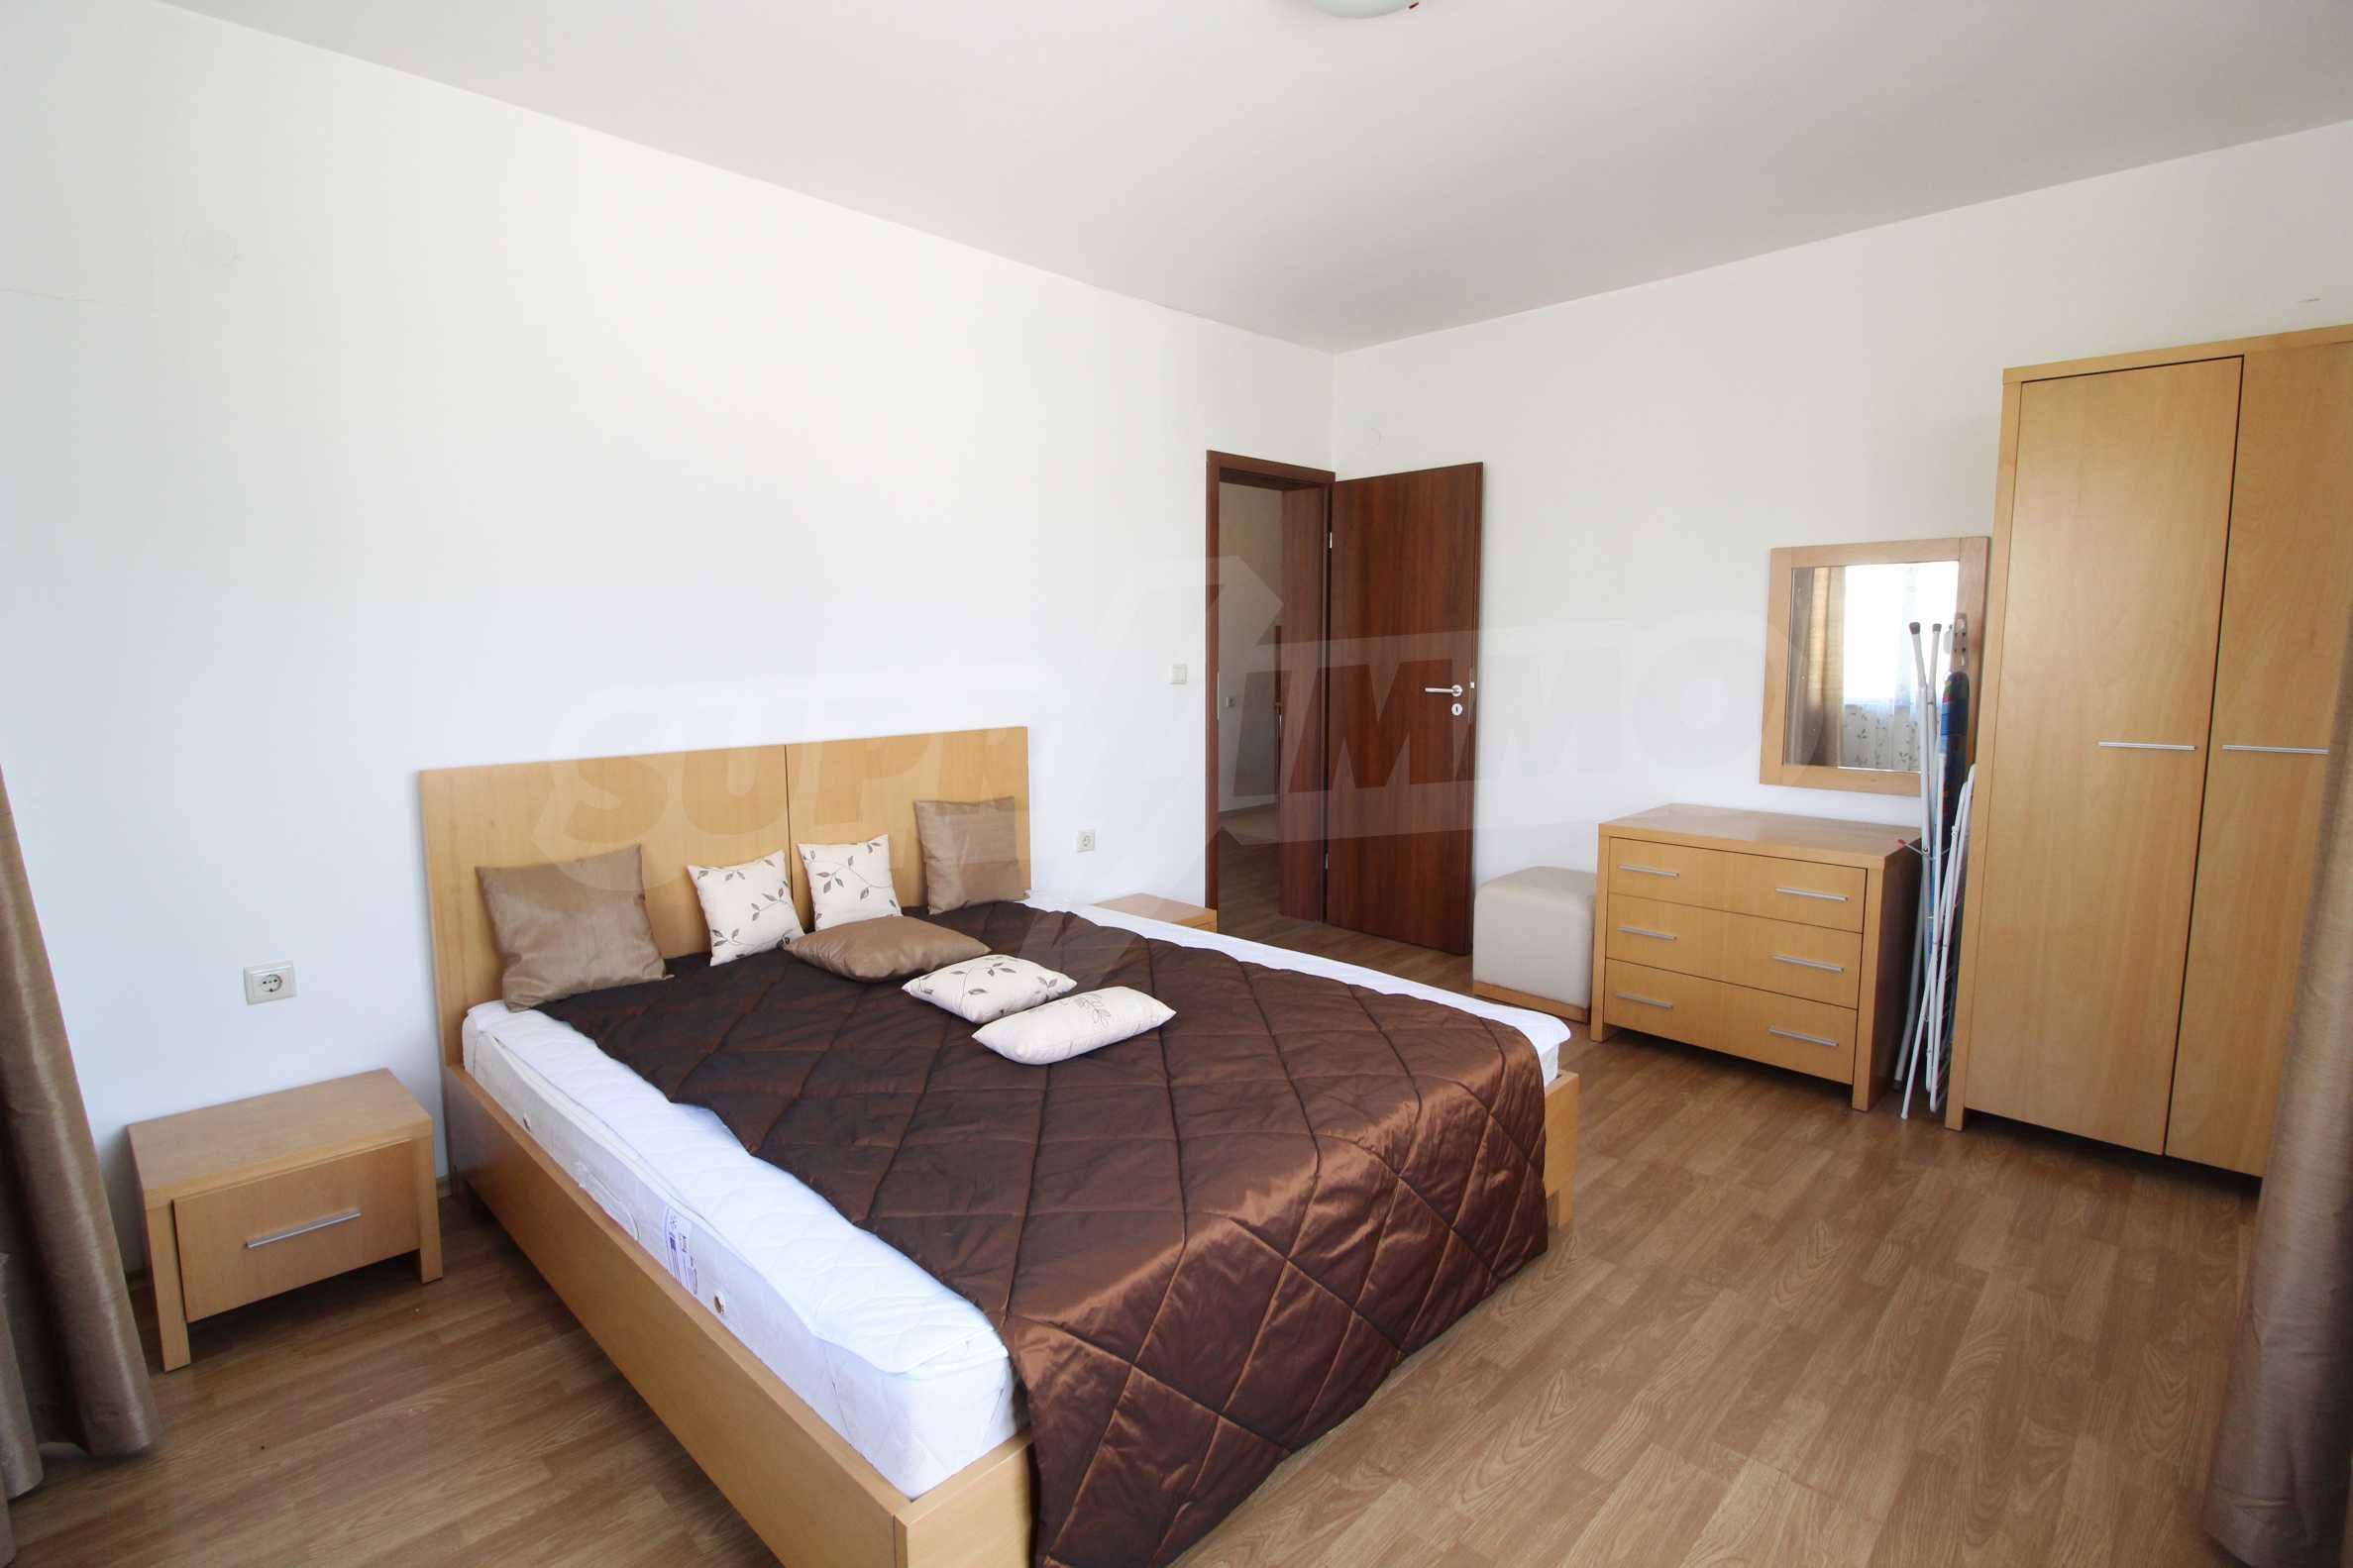 Möbliertes Apartment mit zwei Schlafzimmern im Top Lodge-Komplex, nur wenige Meter vom Skilift in Bansko entfernt 4